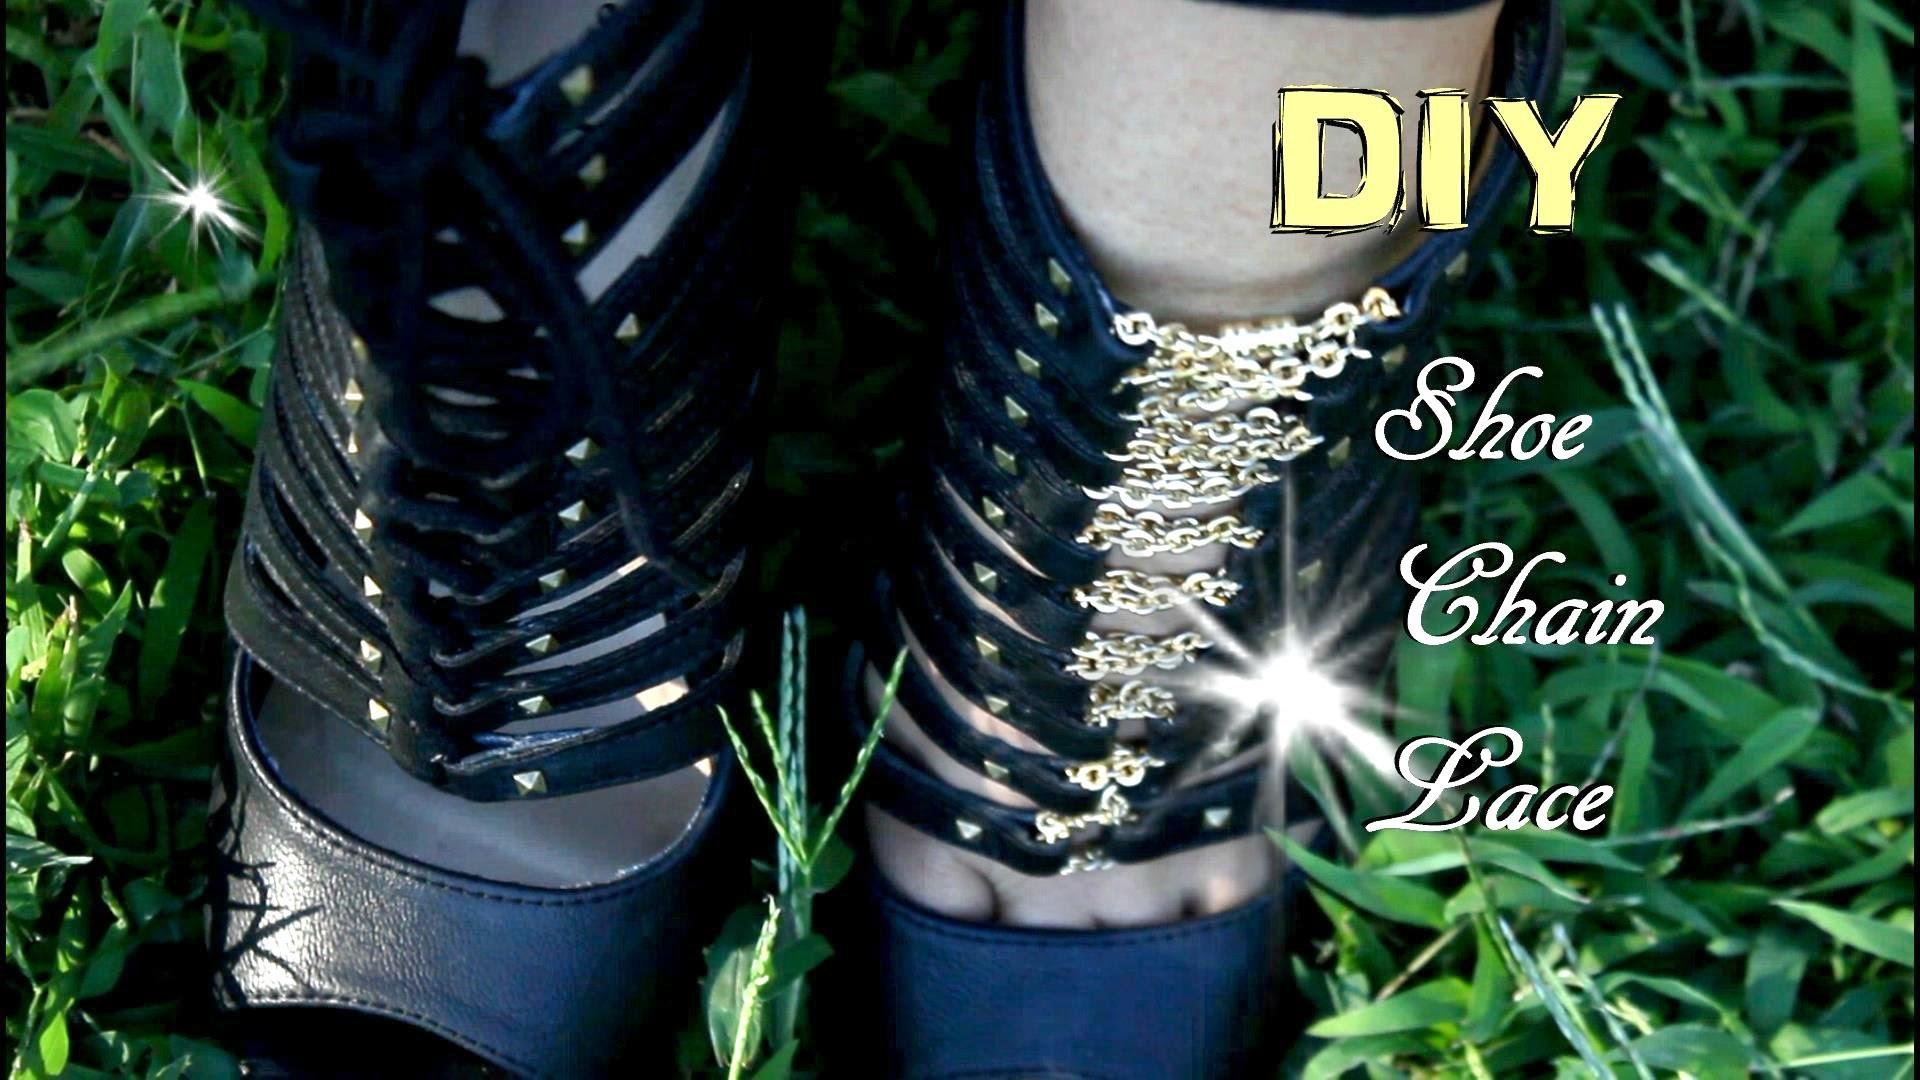 DIY Shoe Chain Lace